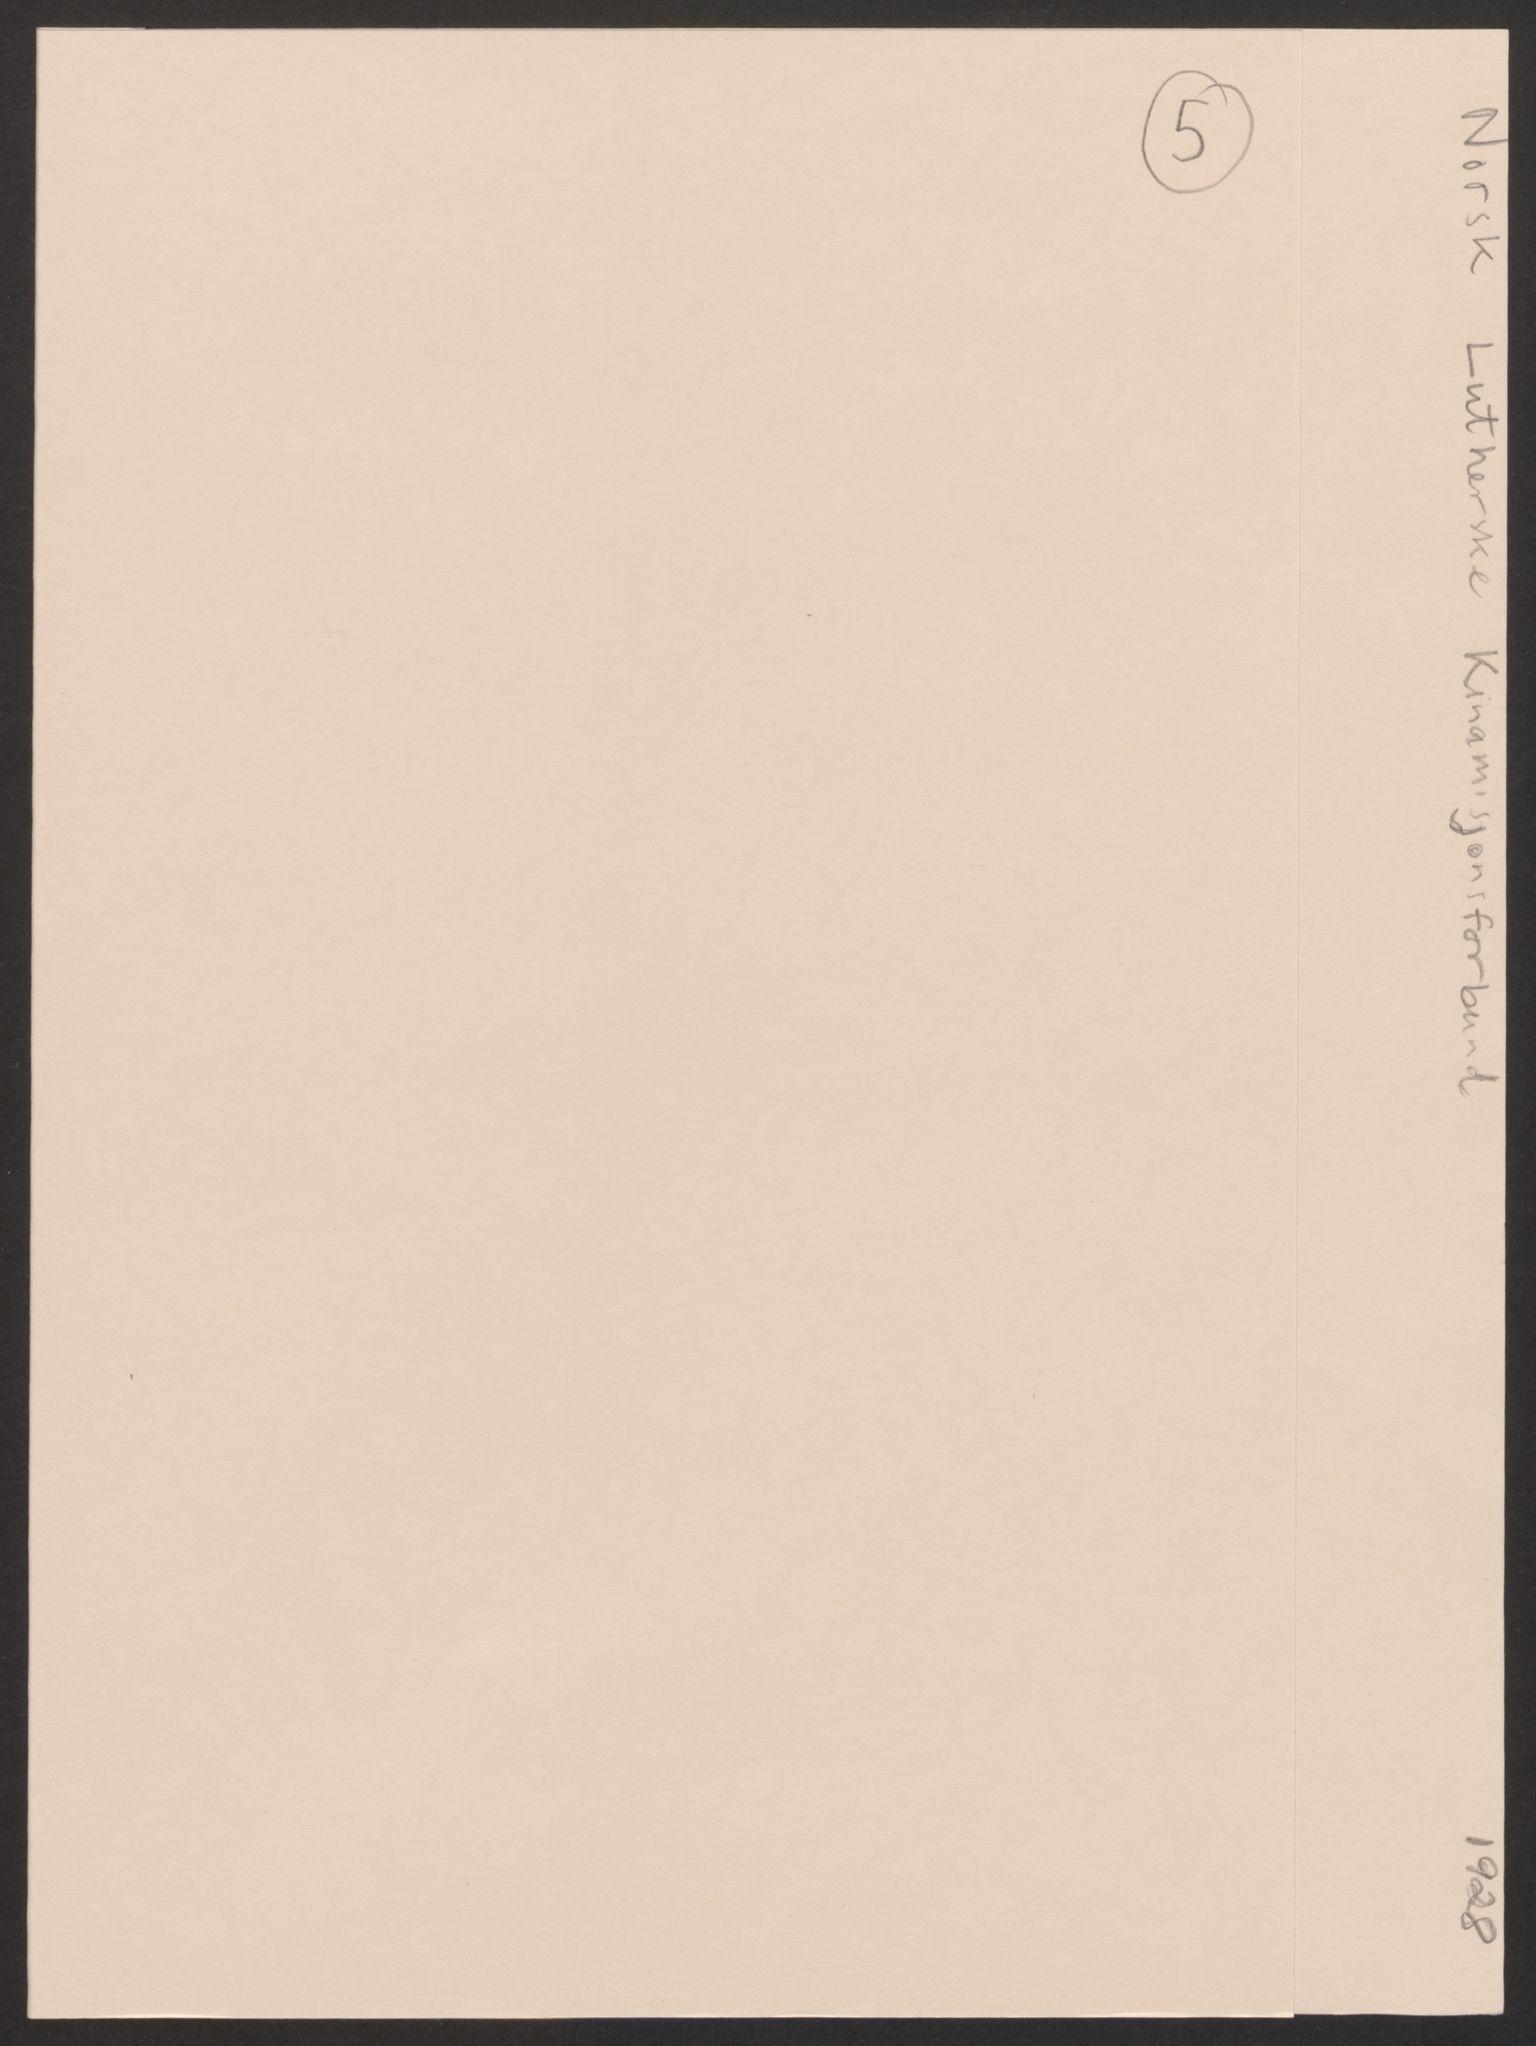 RA, Sosialdepartementet, 2. sosialkontor D, L/L0110: Pensjonsfond - regnskaper og vedtekter. Oslo, 1928